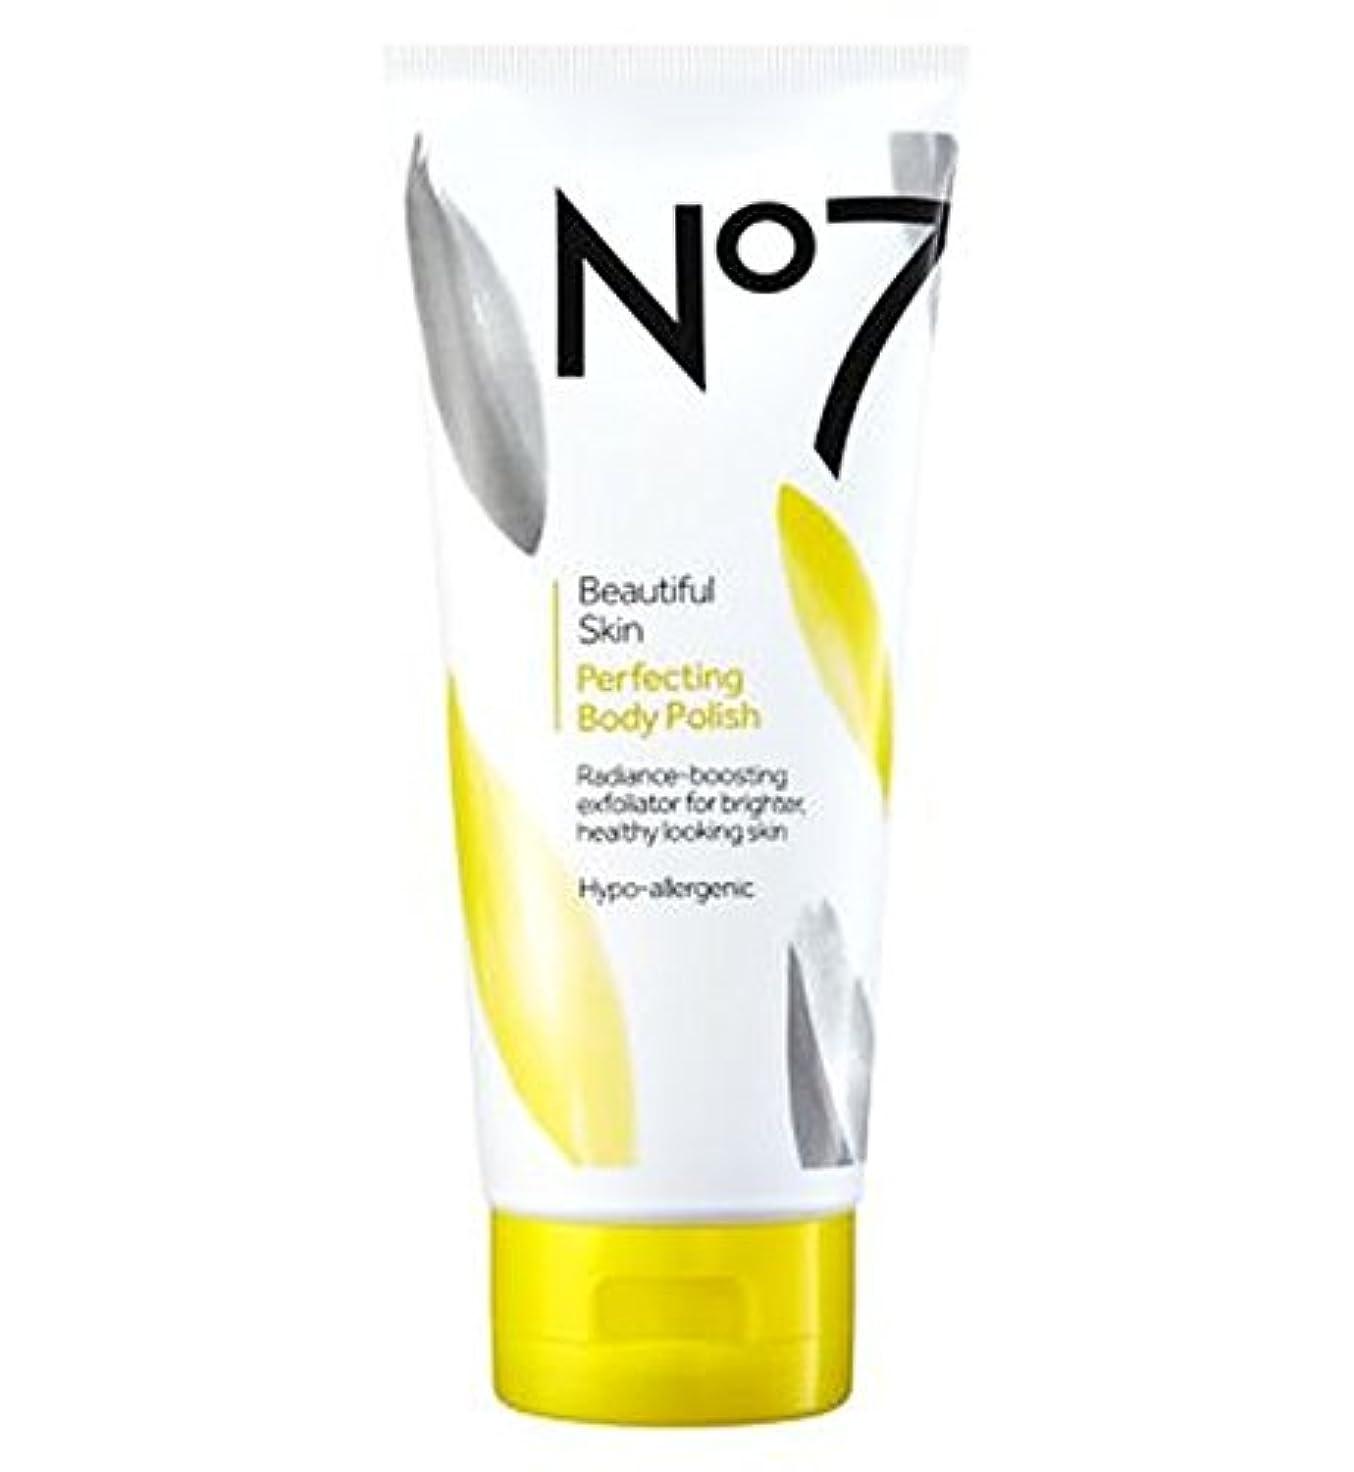 部分的に効果的にホームレスボディポリッシュを完成No7美肌 (No7) (x2) - No7 Beautiful Skin Perfecting Body Polish (Pack of 2) [並行輸入品]